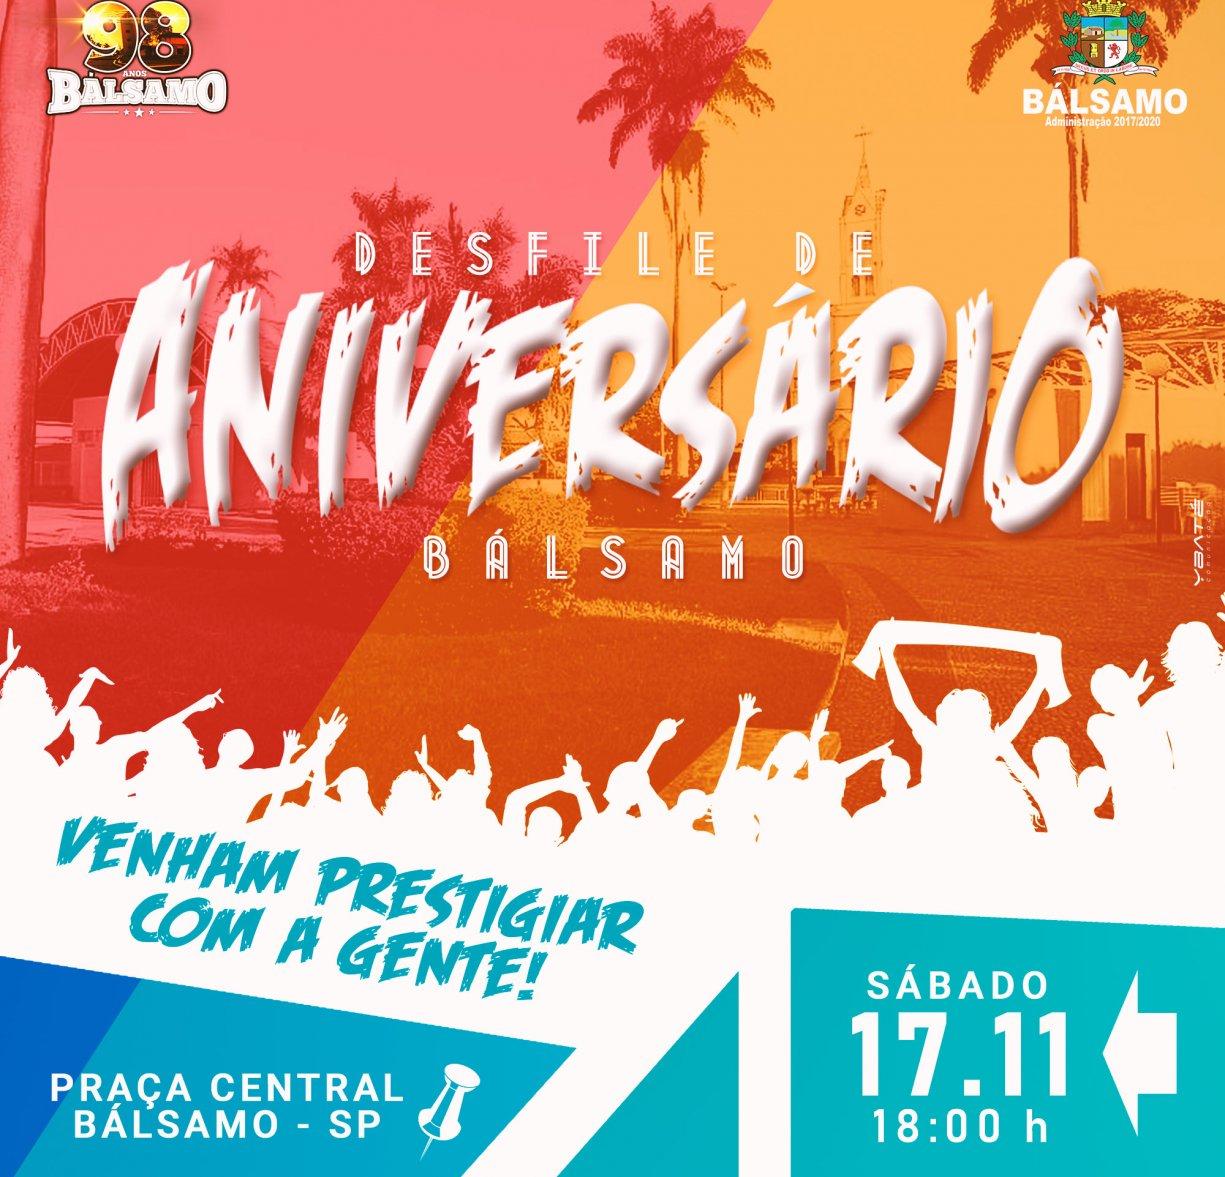 Desfile Cívico, Show com Felipe & Falcão e Missa em Ação de Graça movimenta o fim de semana nos 98 anos de Bálsamo.